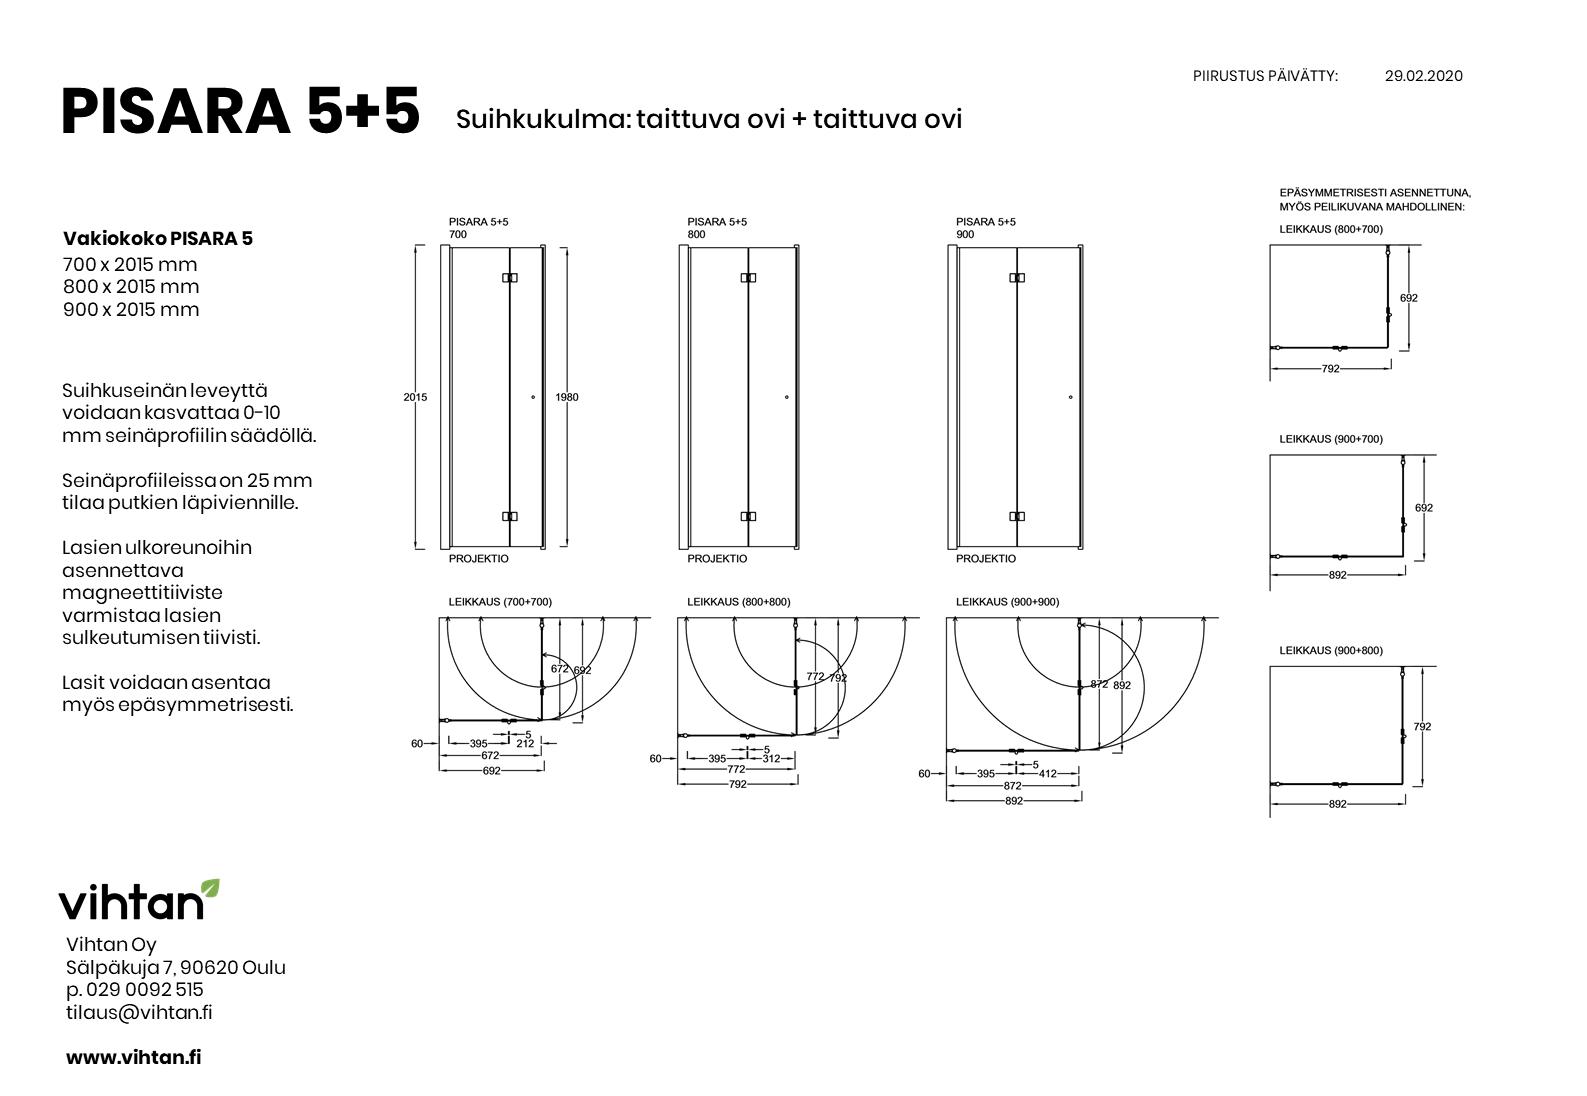 mittakuva_suihkukulma_PISARA 5+5